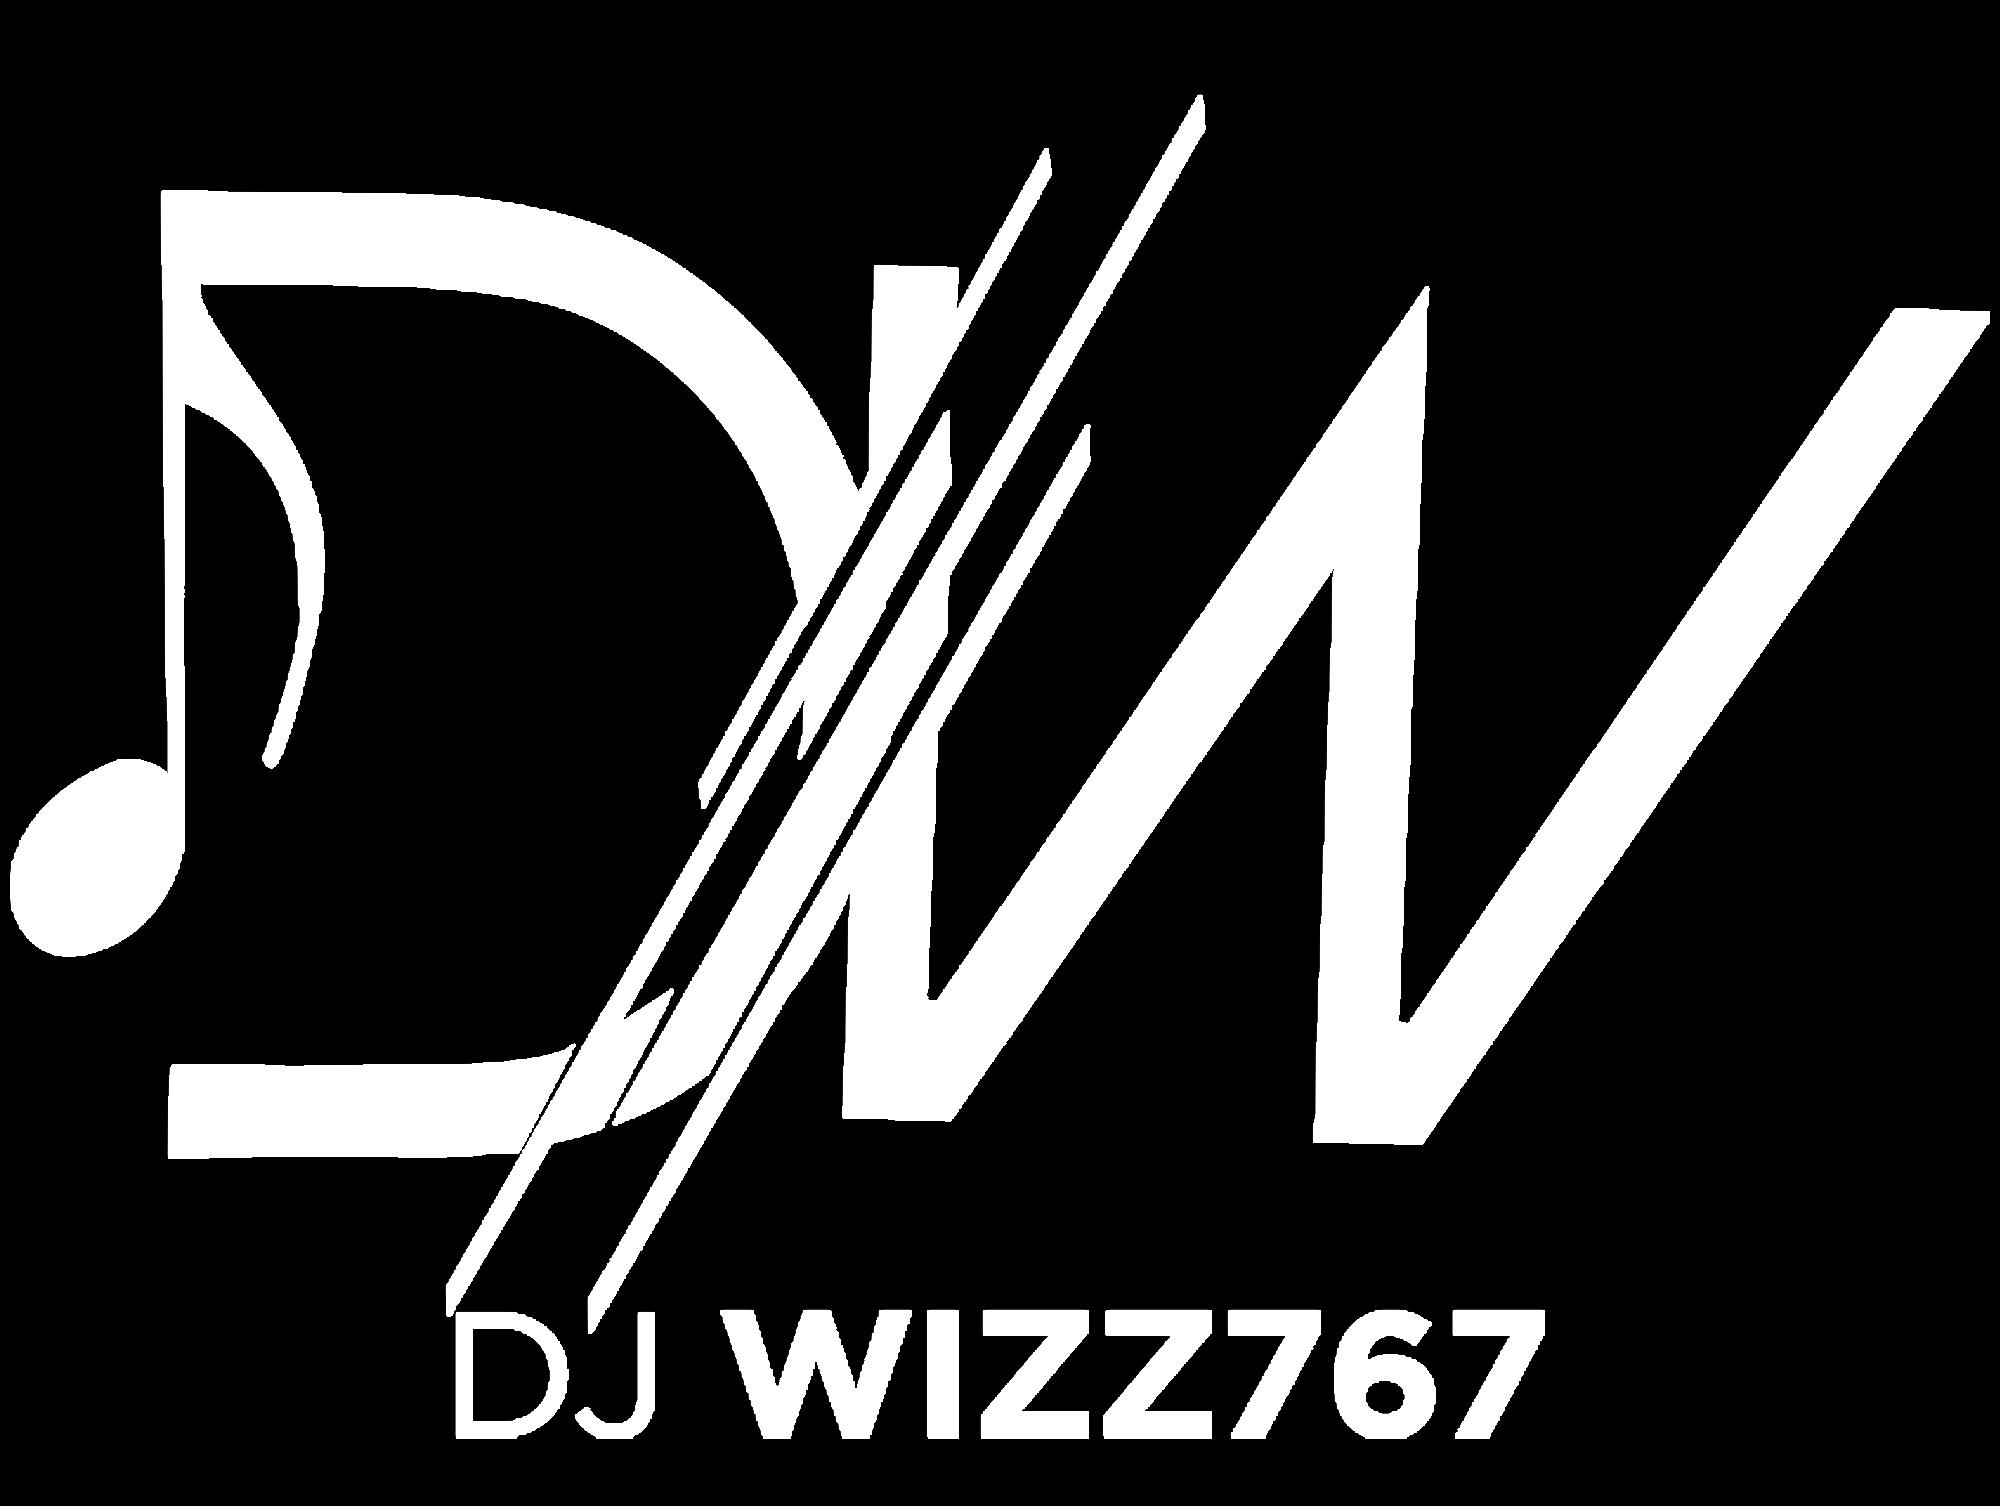 Dj Wizz767